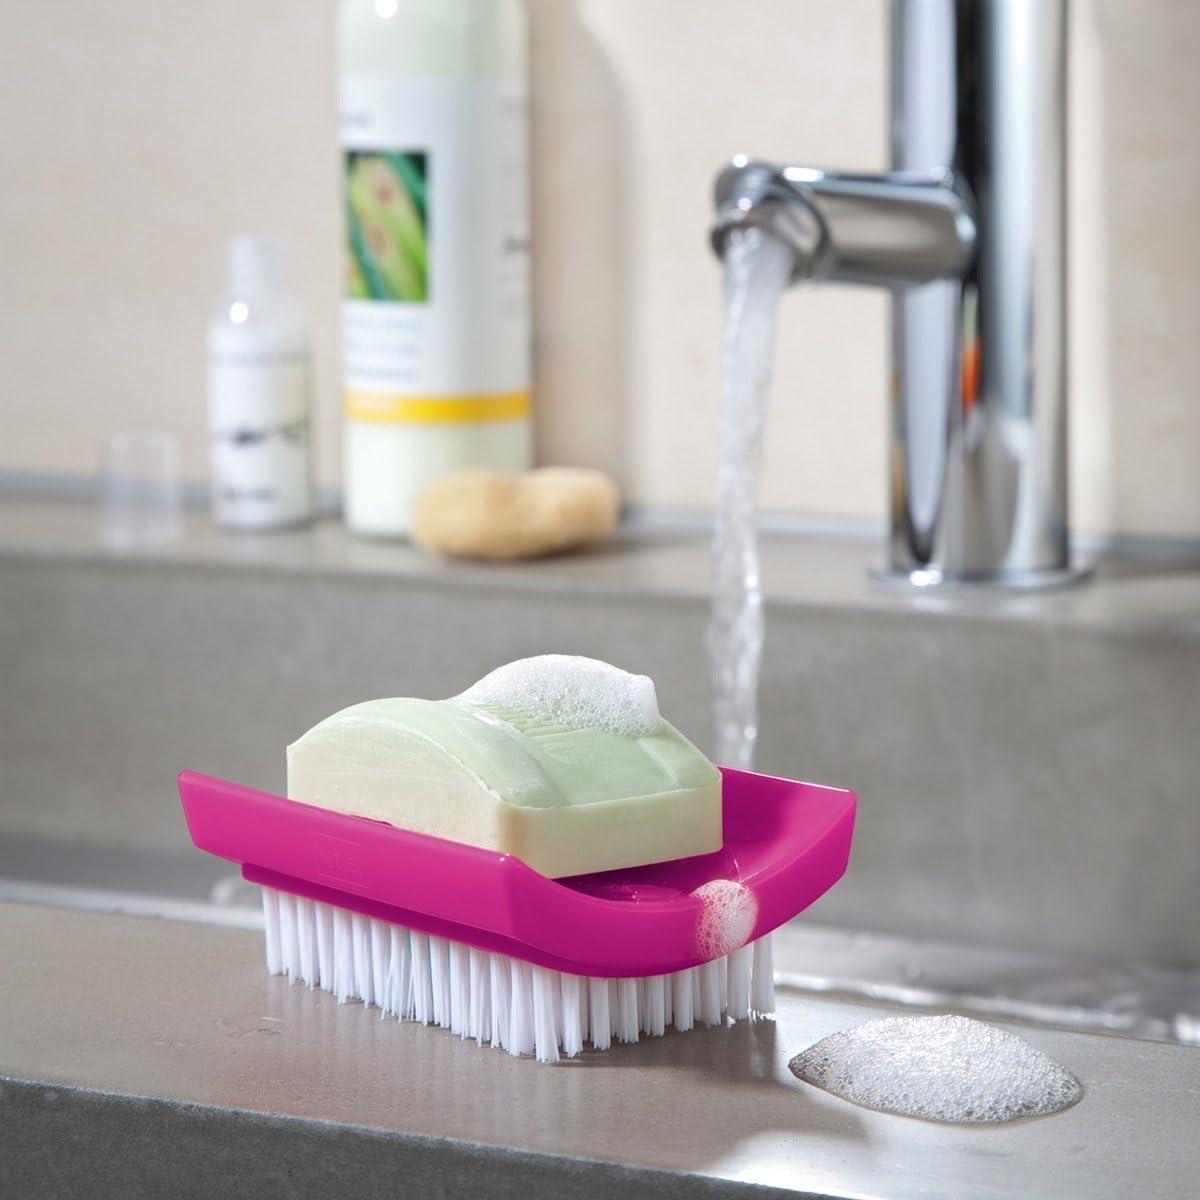 koziol Daily Soap Porta saponetta con spazzolino per Unghie Rosa s/ólido